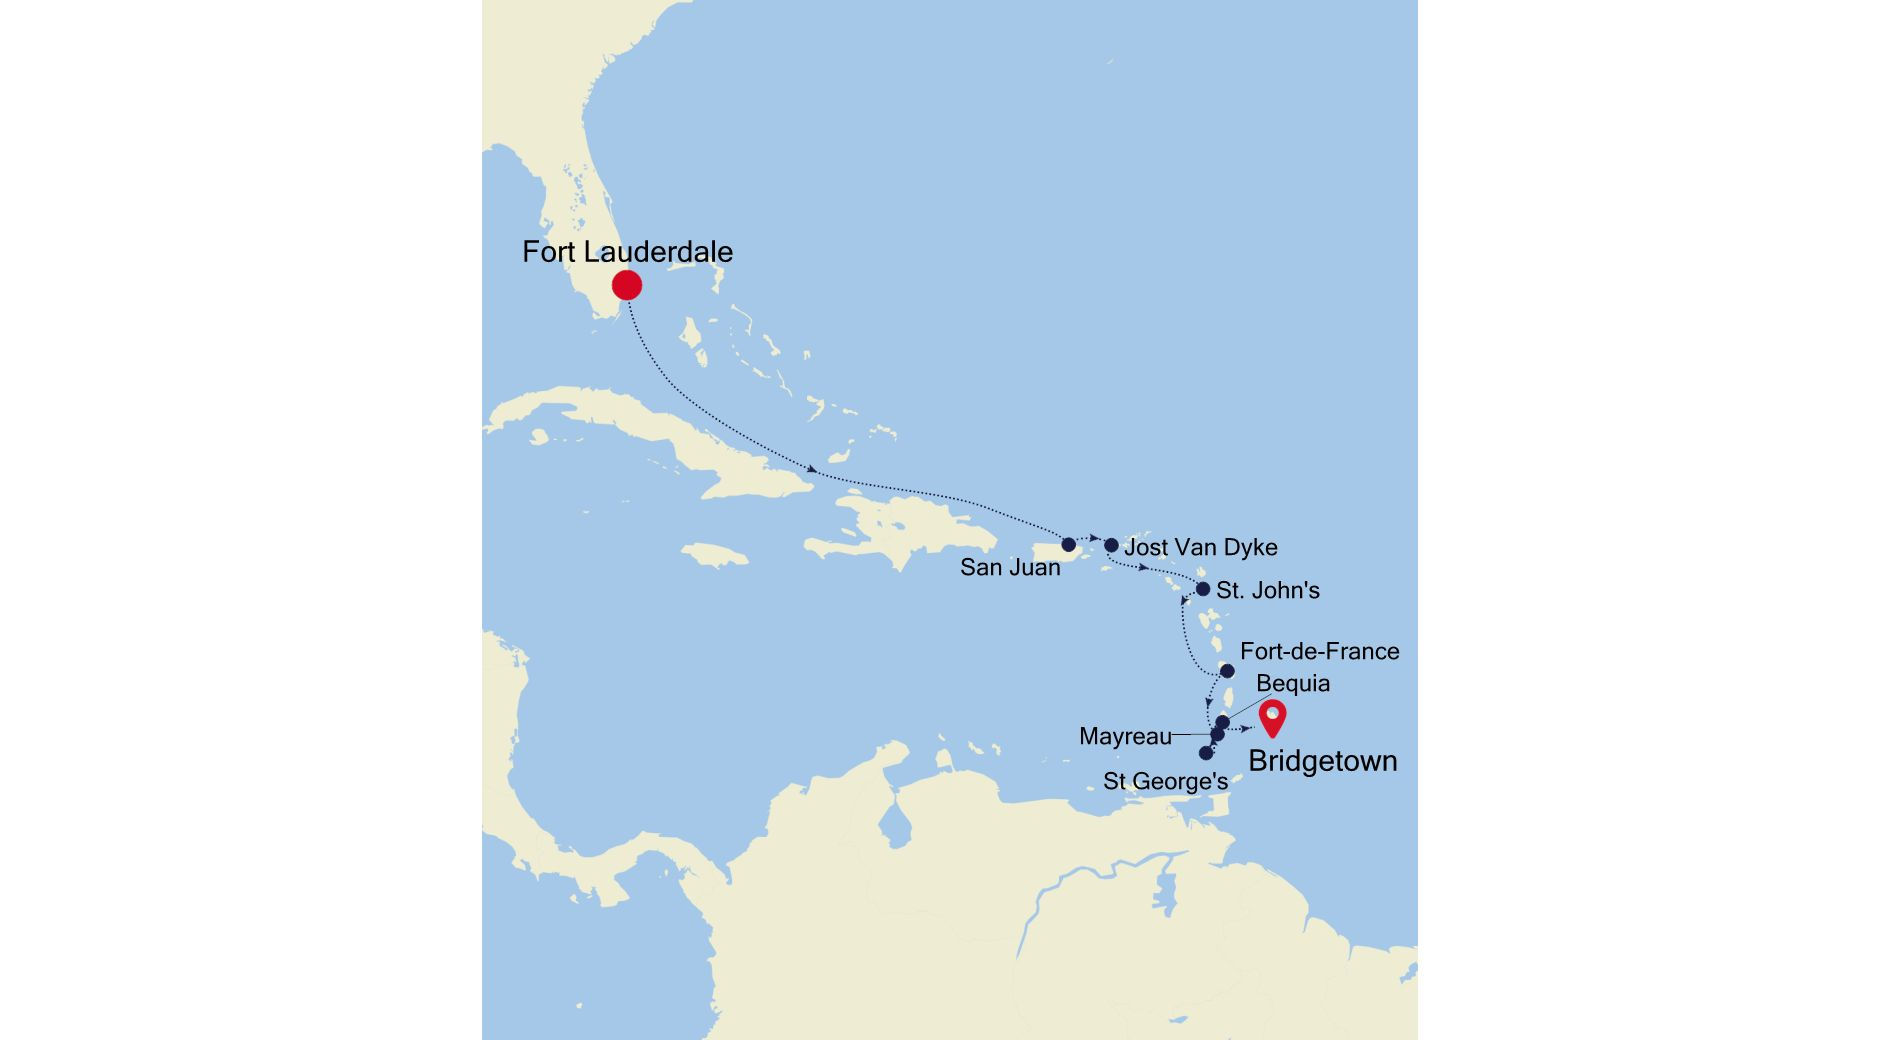 WH201110010 - Fort Lauderdale a Bridgetown